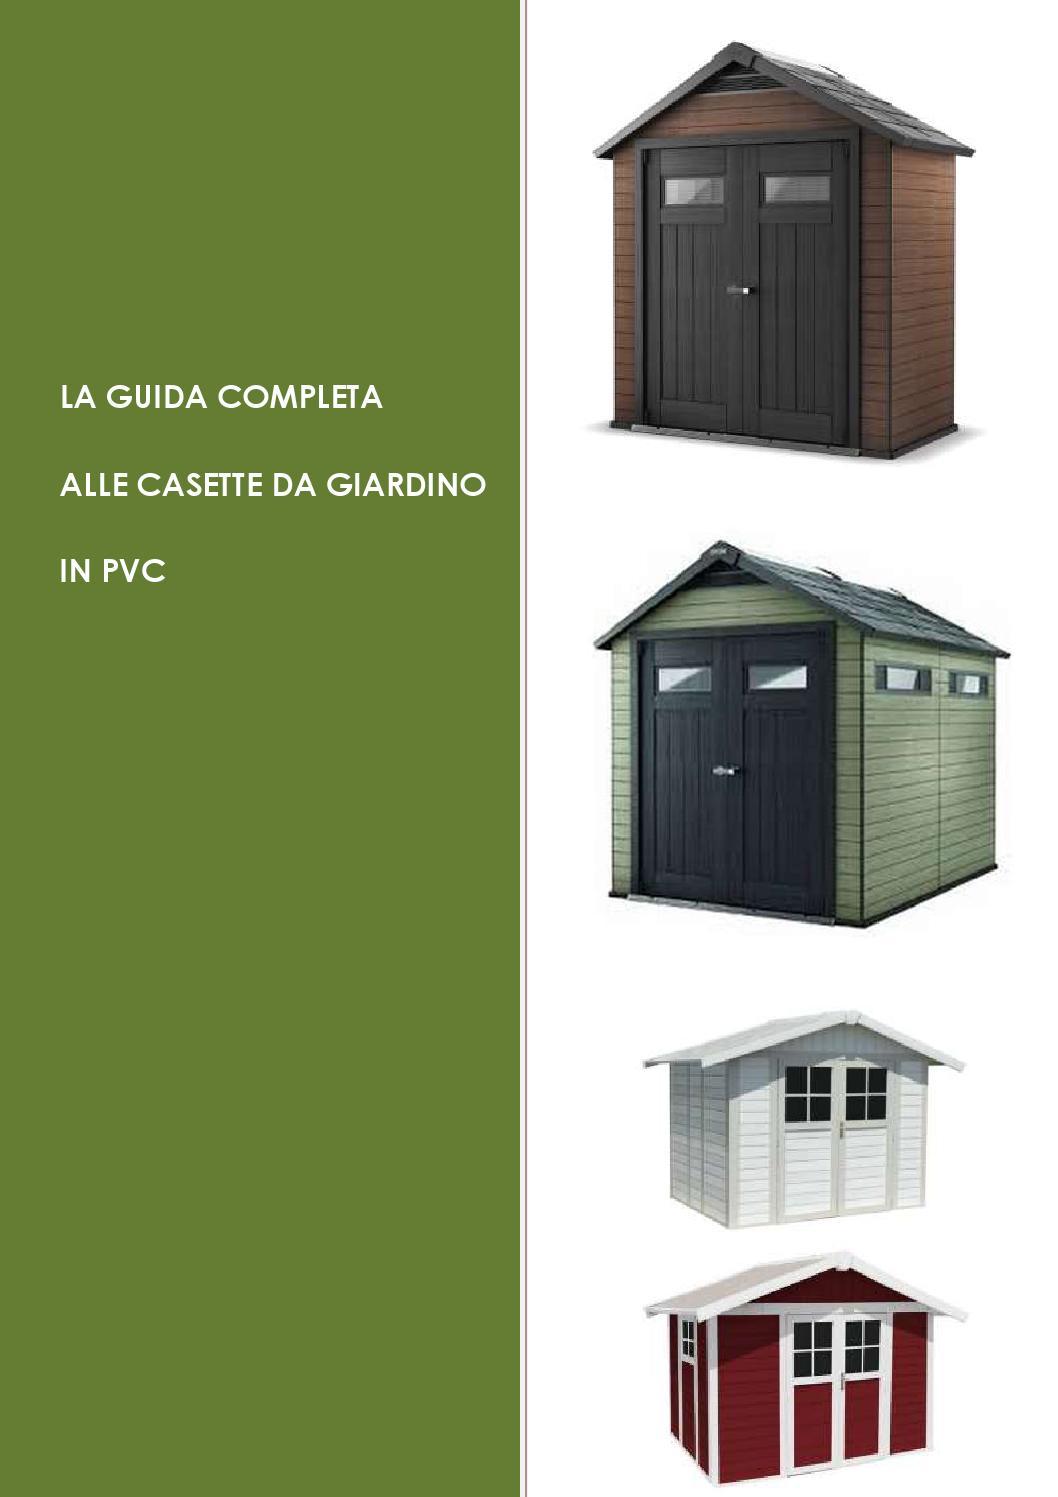 Casette In Plastica Per Attrezzi.La Guida Completa Alle Casette Da Giardino In Pvc By Casette Legno Casette Italia Issuu